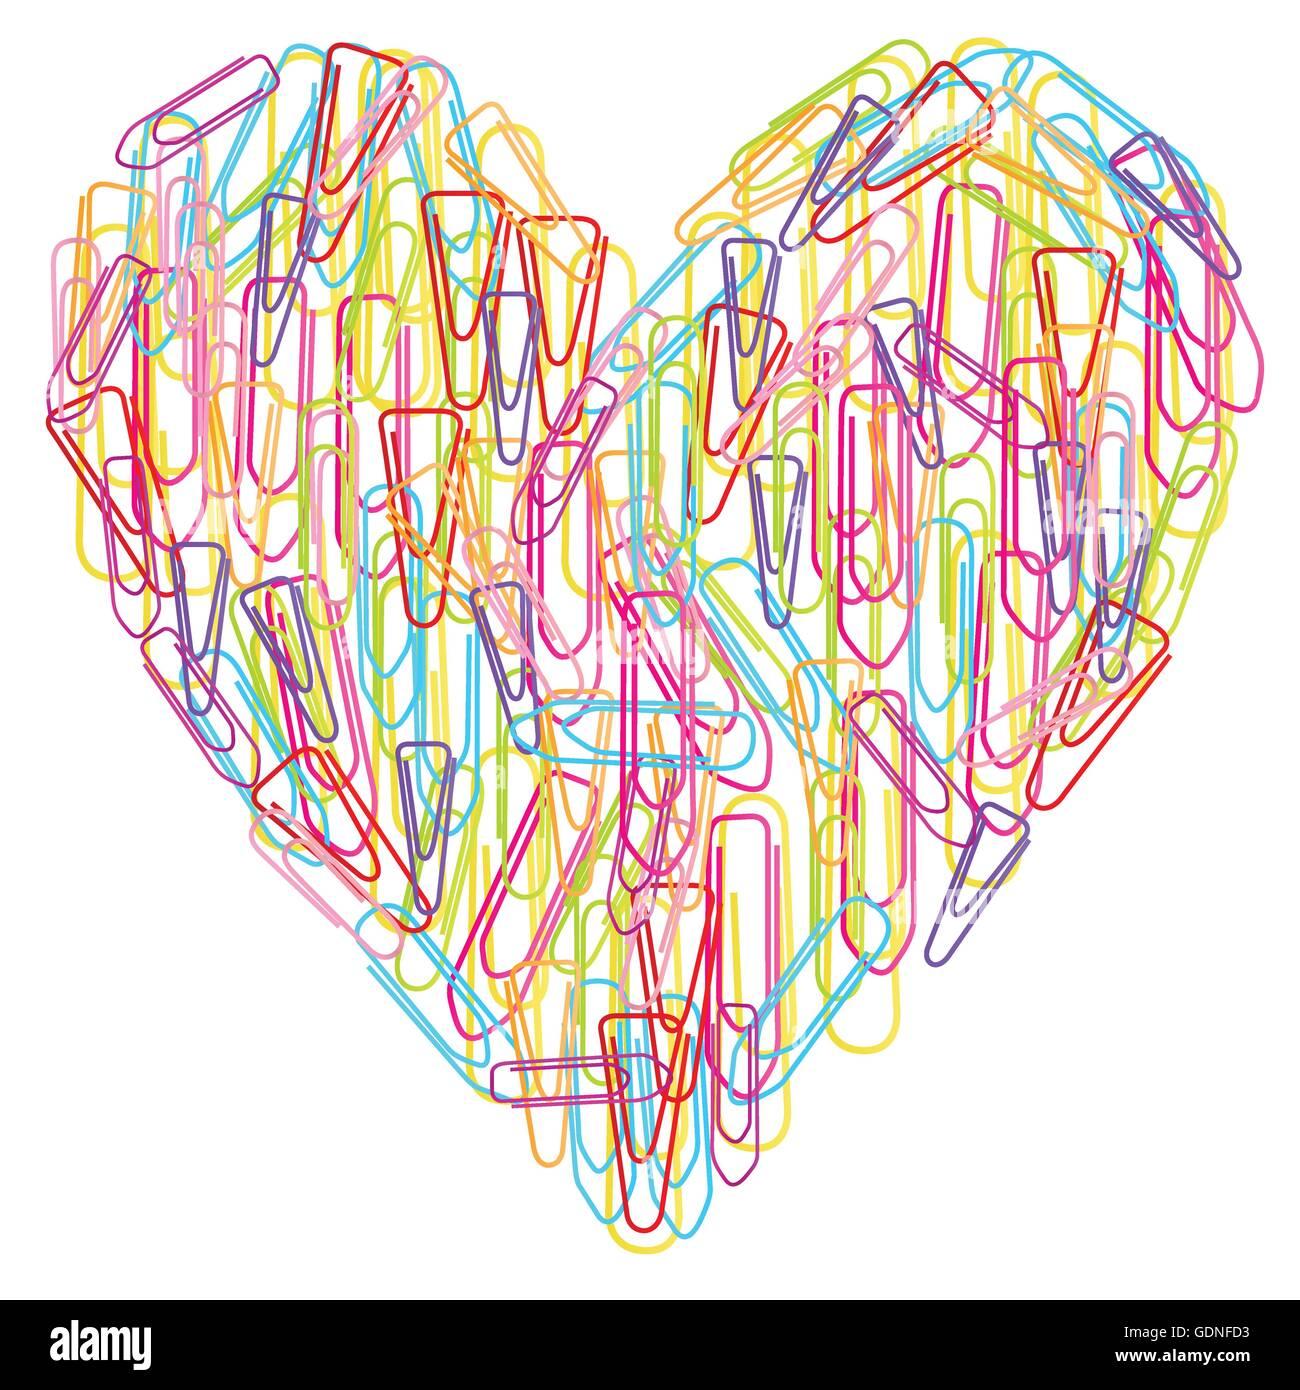 Trombones colorés coeur abstract vector isolé sur fond blanc Photo Stock